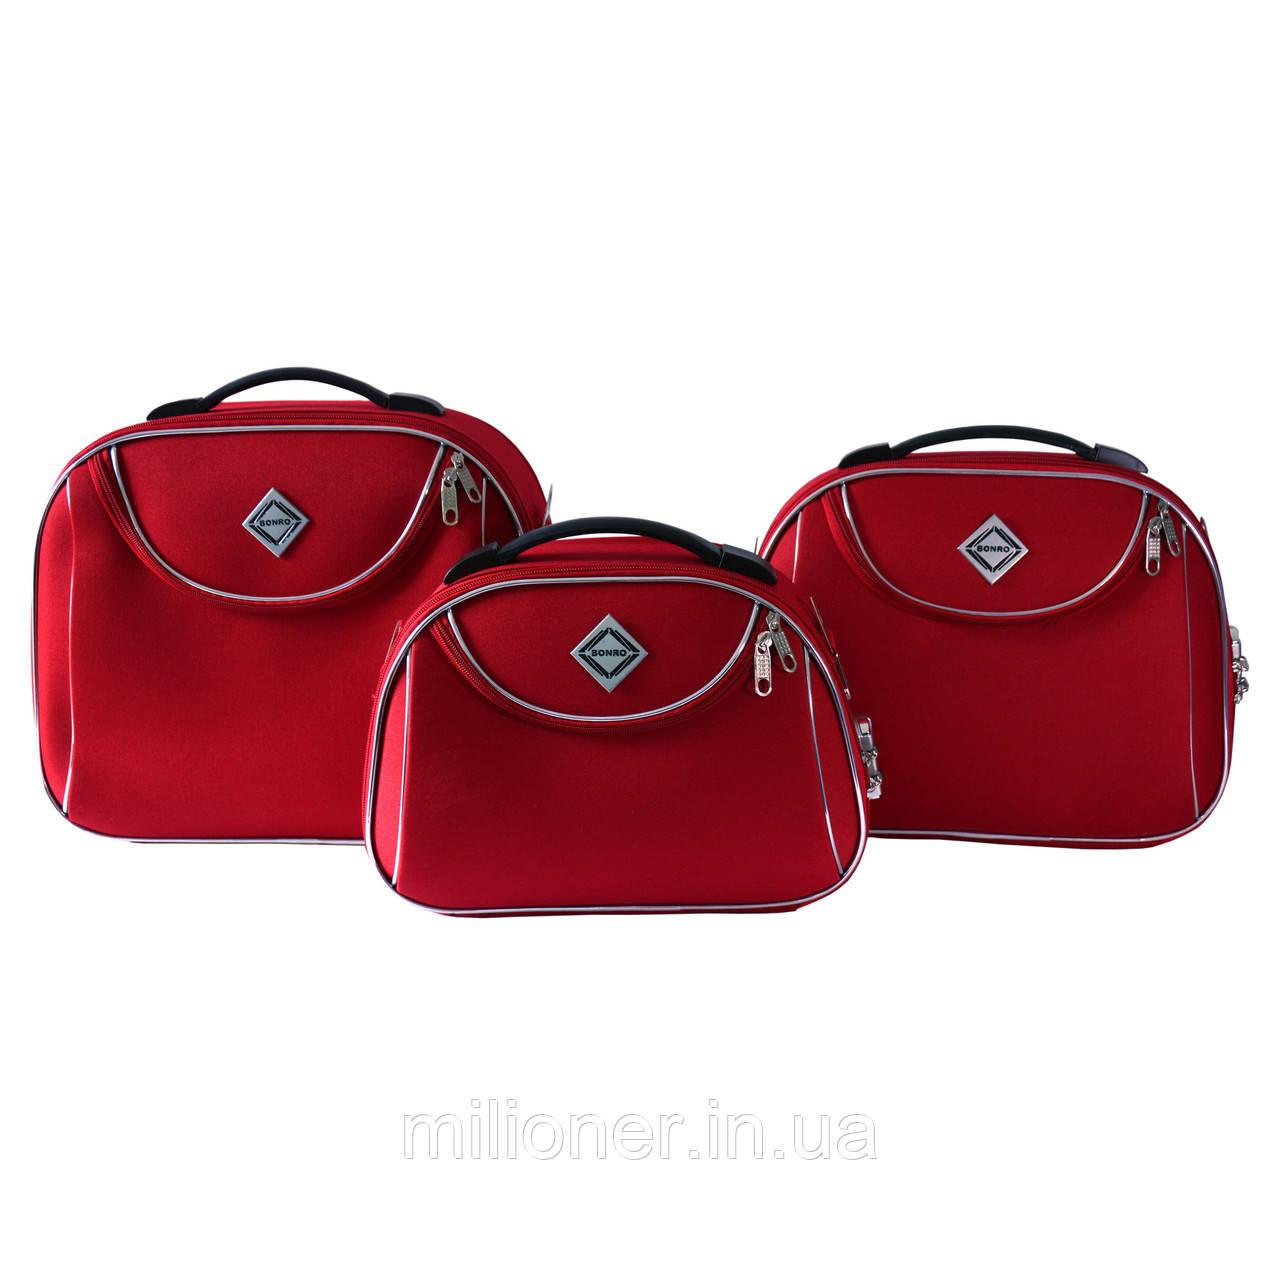 Сумка кейс саквояж 3в1 Bonro Style красный